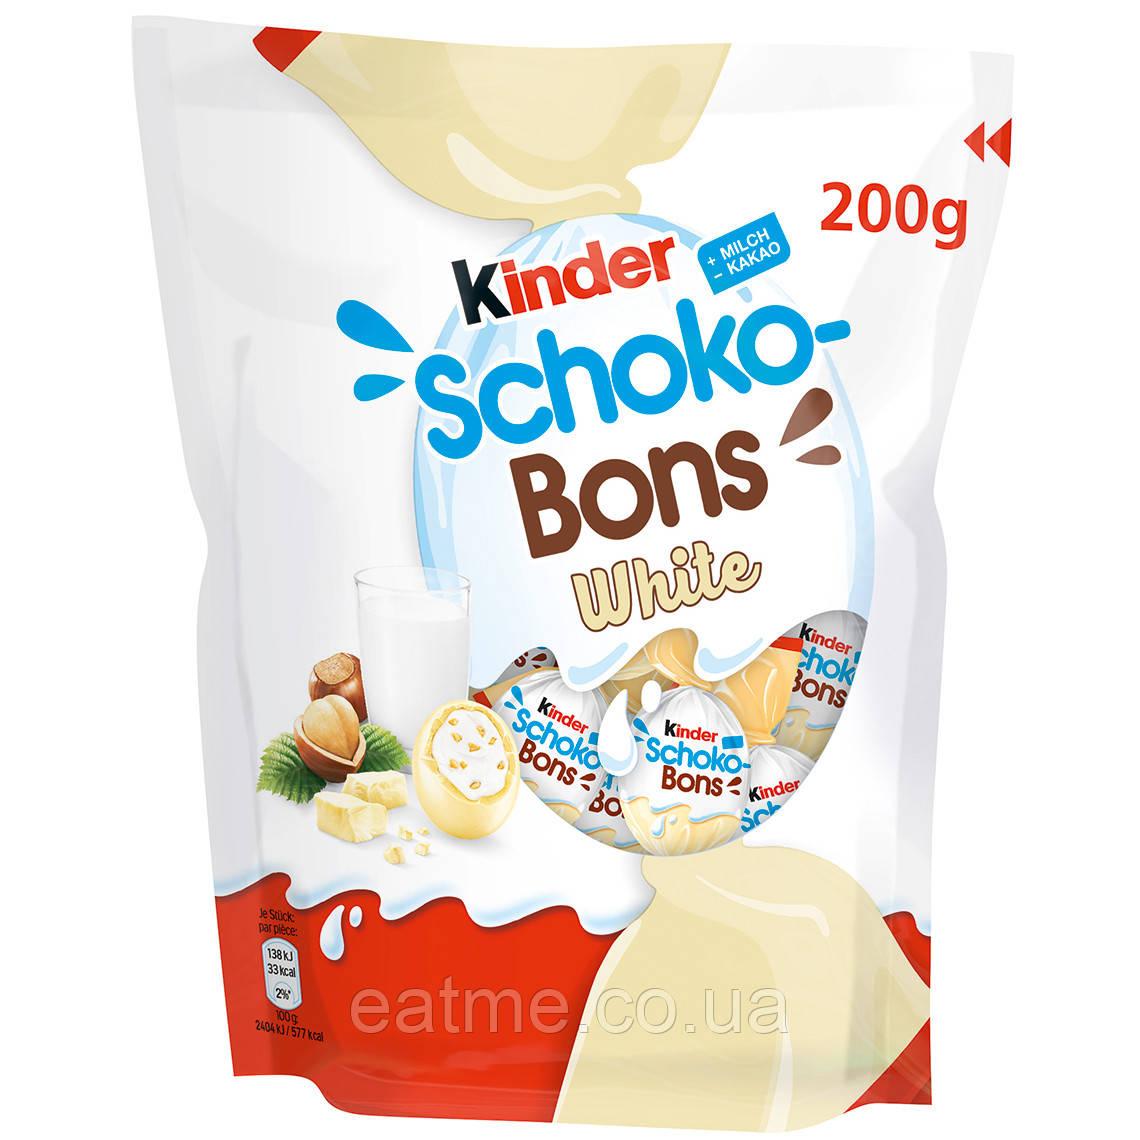 Kinder Schoko Bons Конфетки в виде мини яиц из белого шоколада со сливочной начинкой и дроблённым фундуком